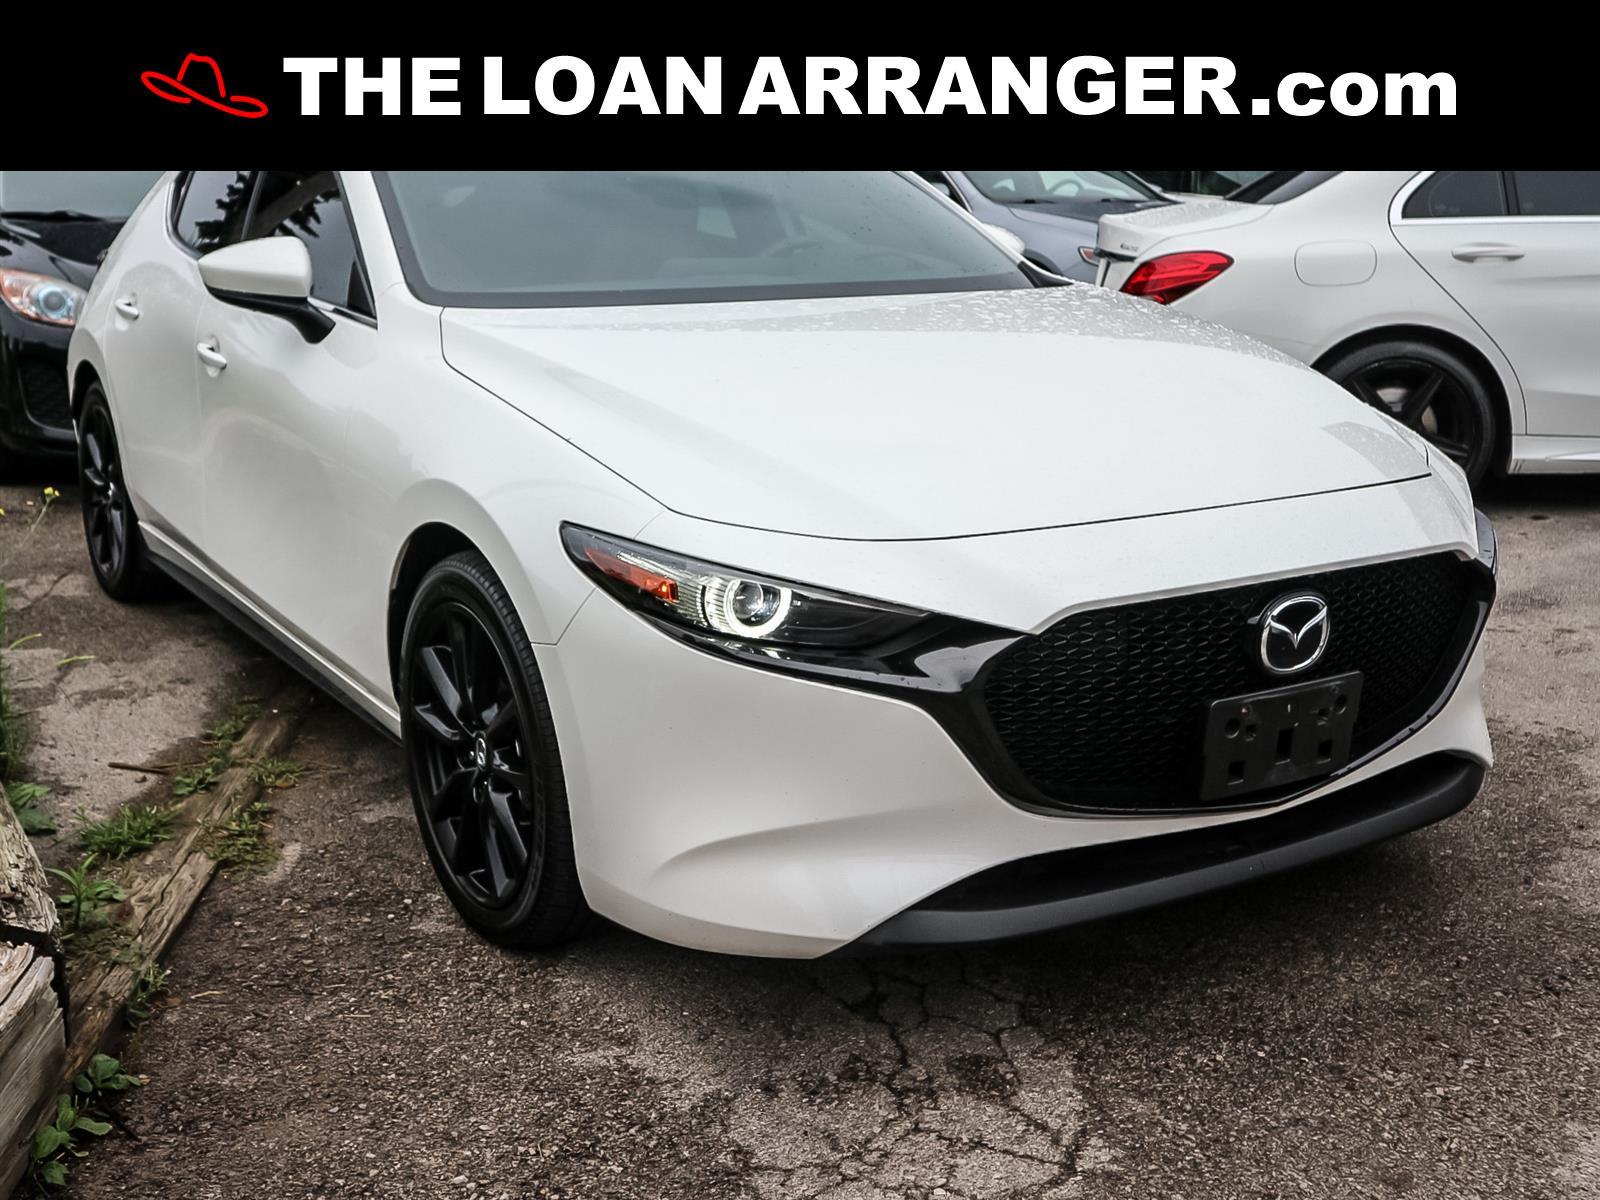 used 2020 Mazda Mazda3 car